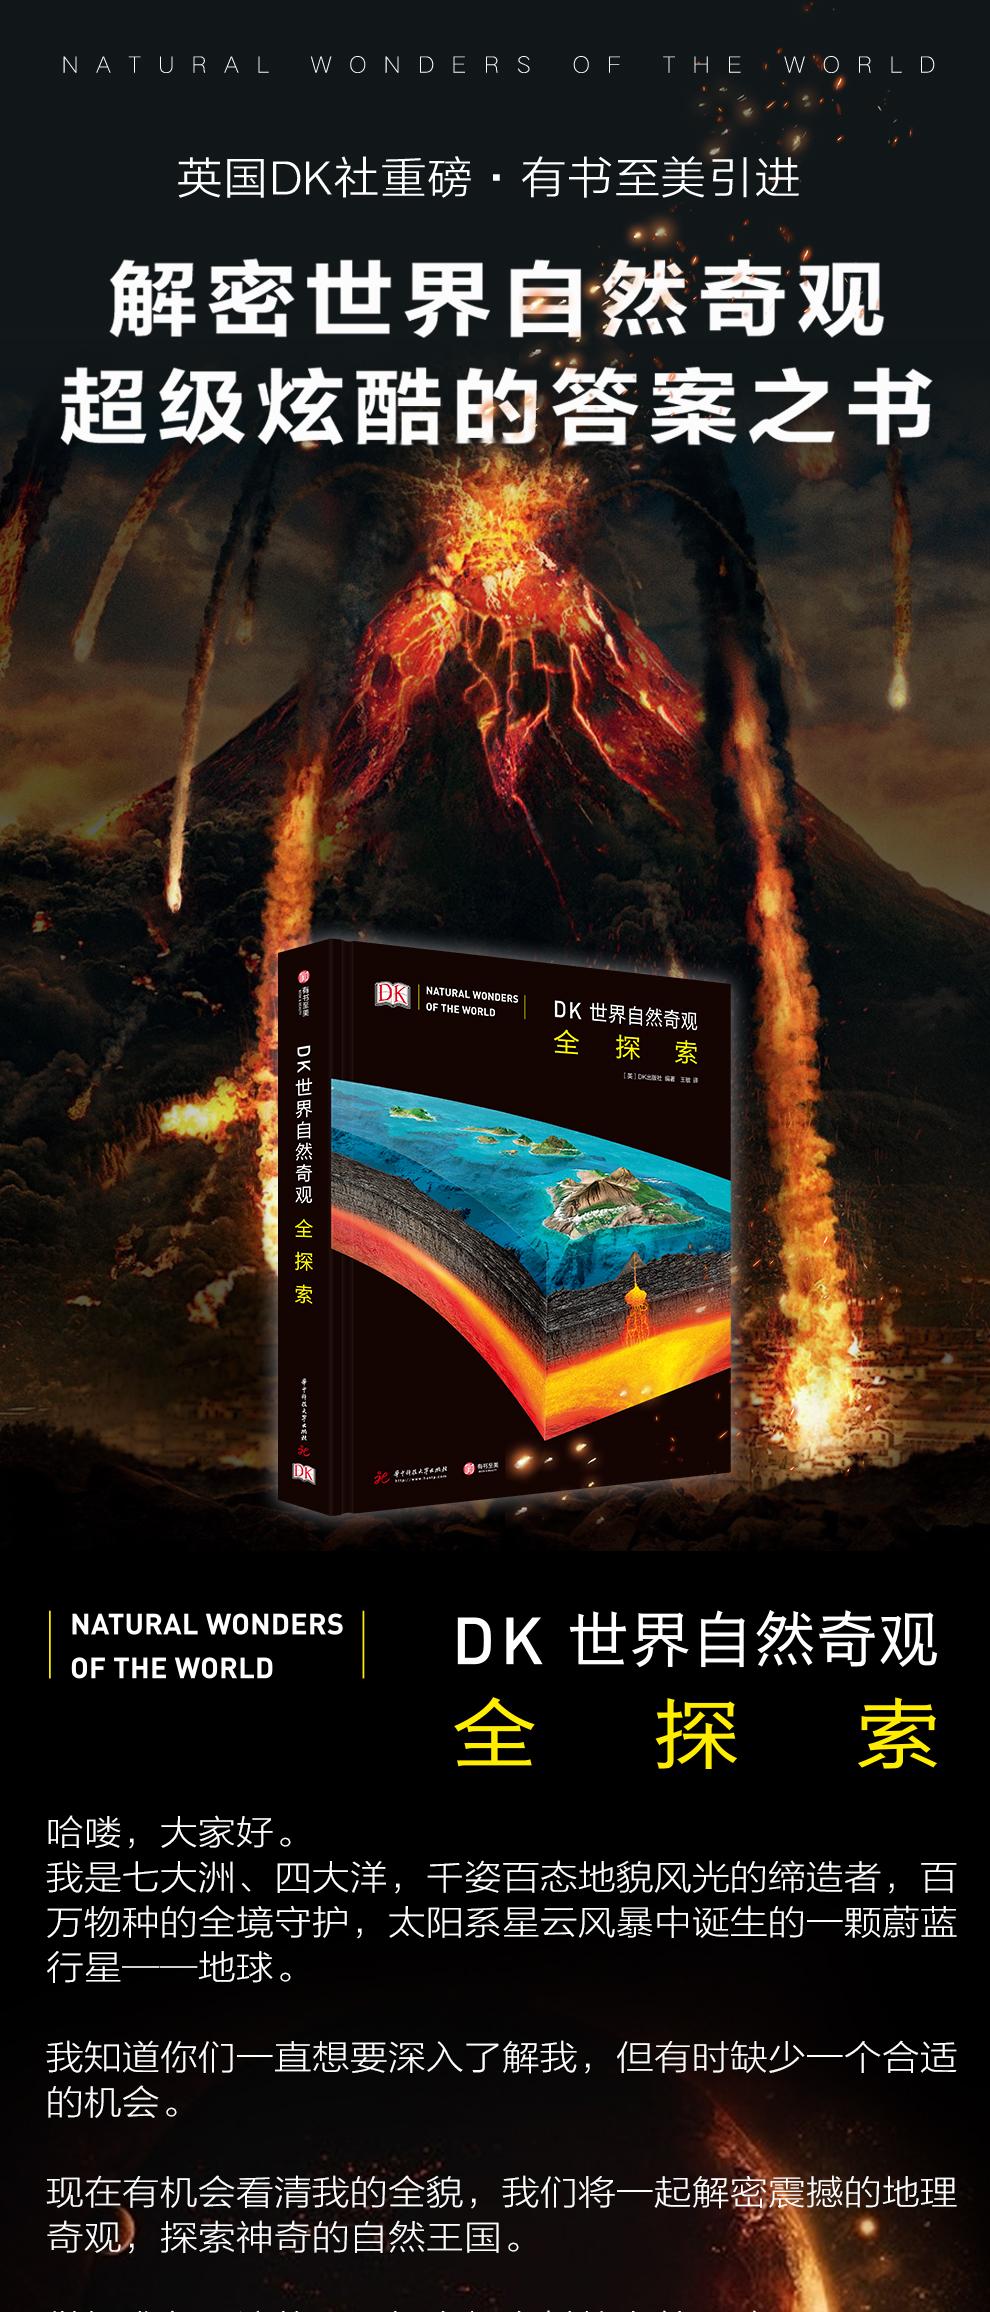 《DK全球自然奇观全探索》预售_01.jpg